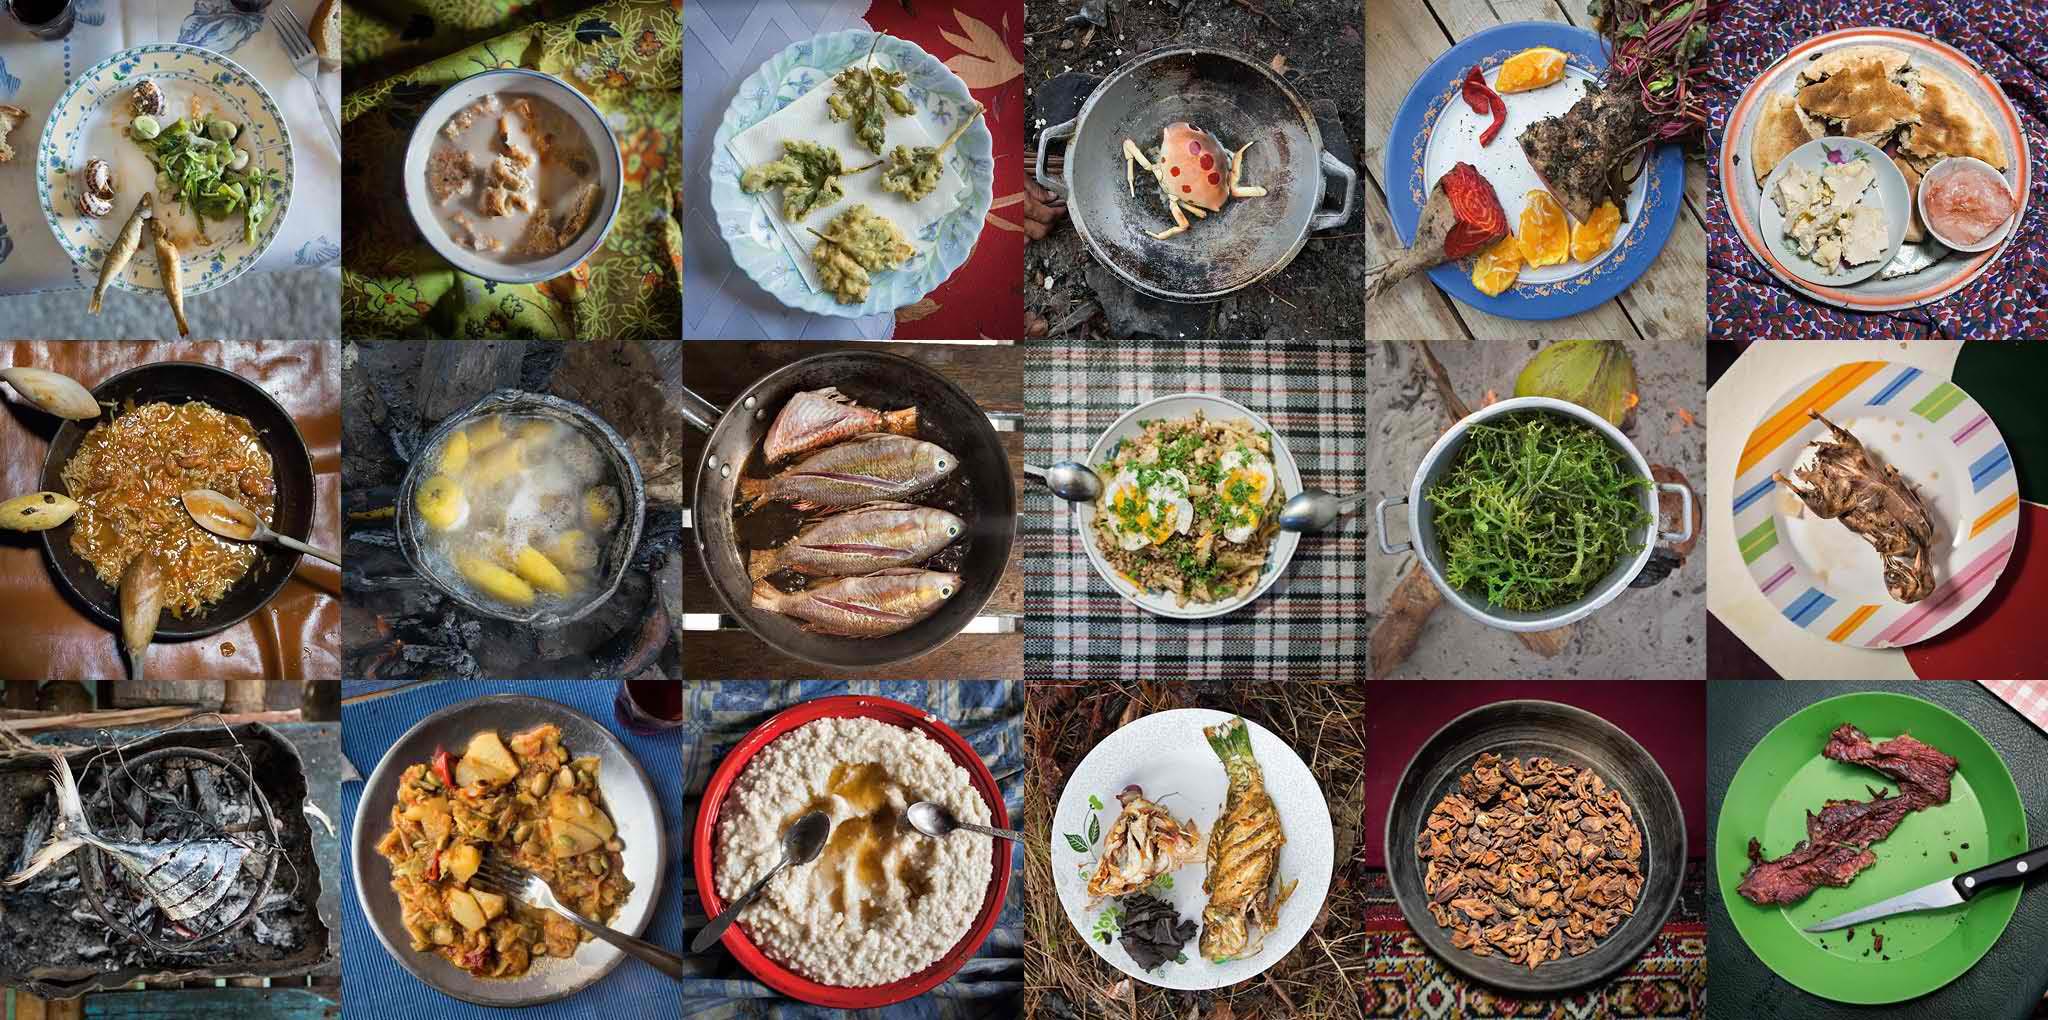 140903-paley-food-grid1